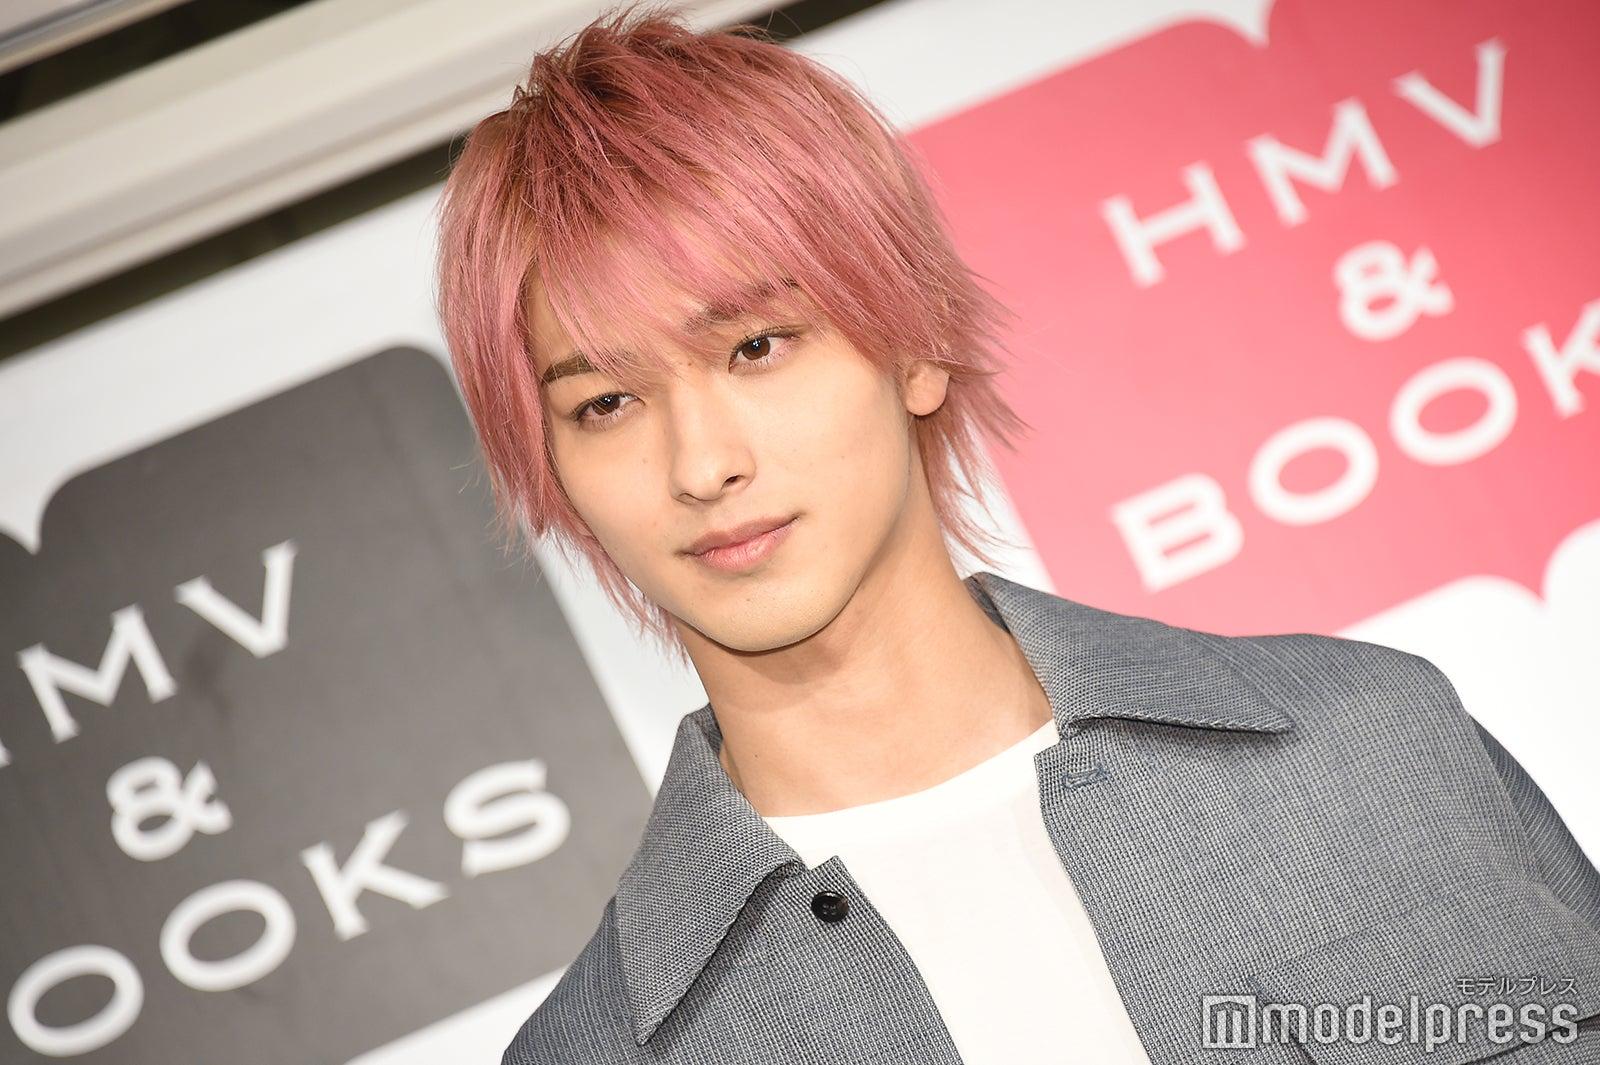 藤井 流星 髪型 , Best Hair Style (最高のヘアスタイル)最新